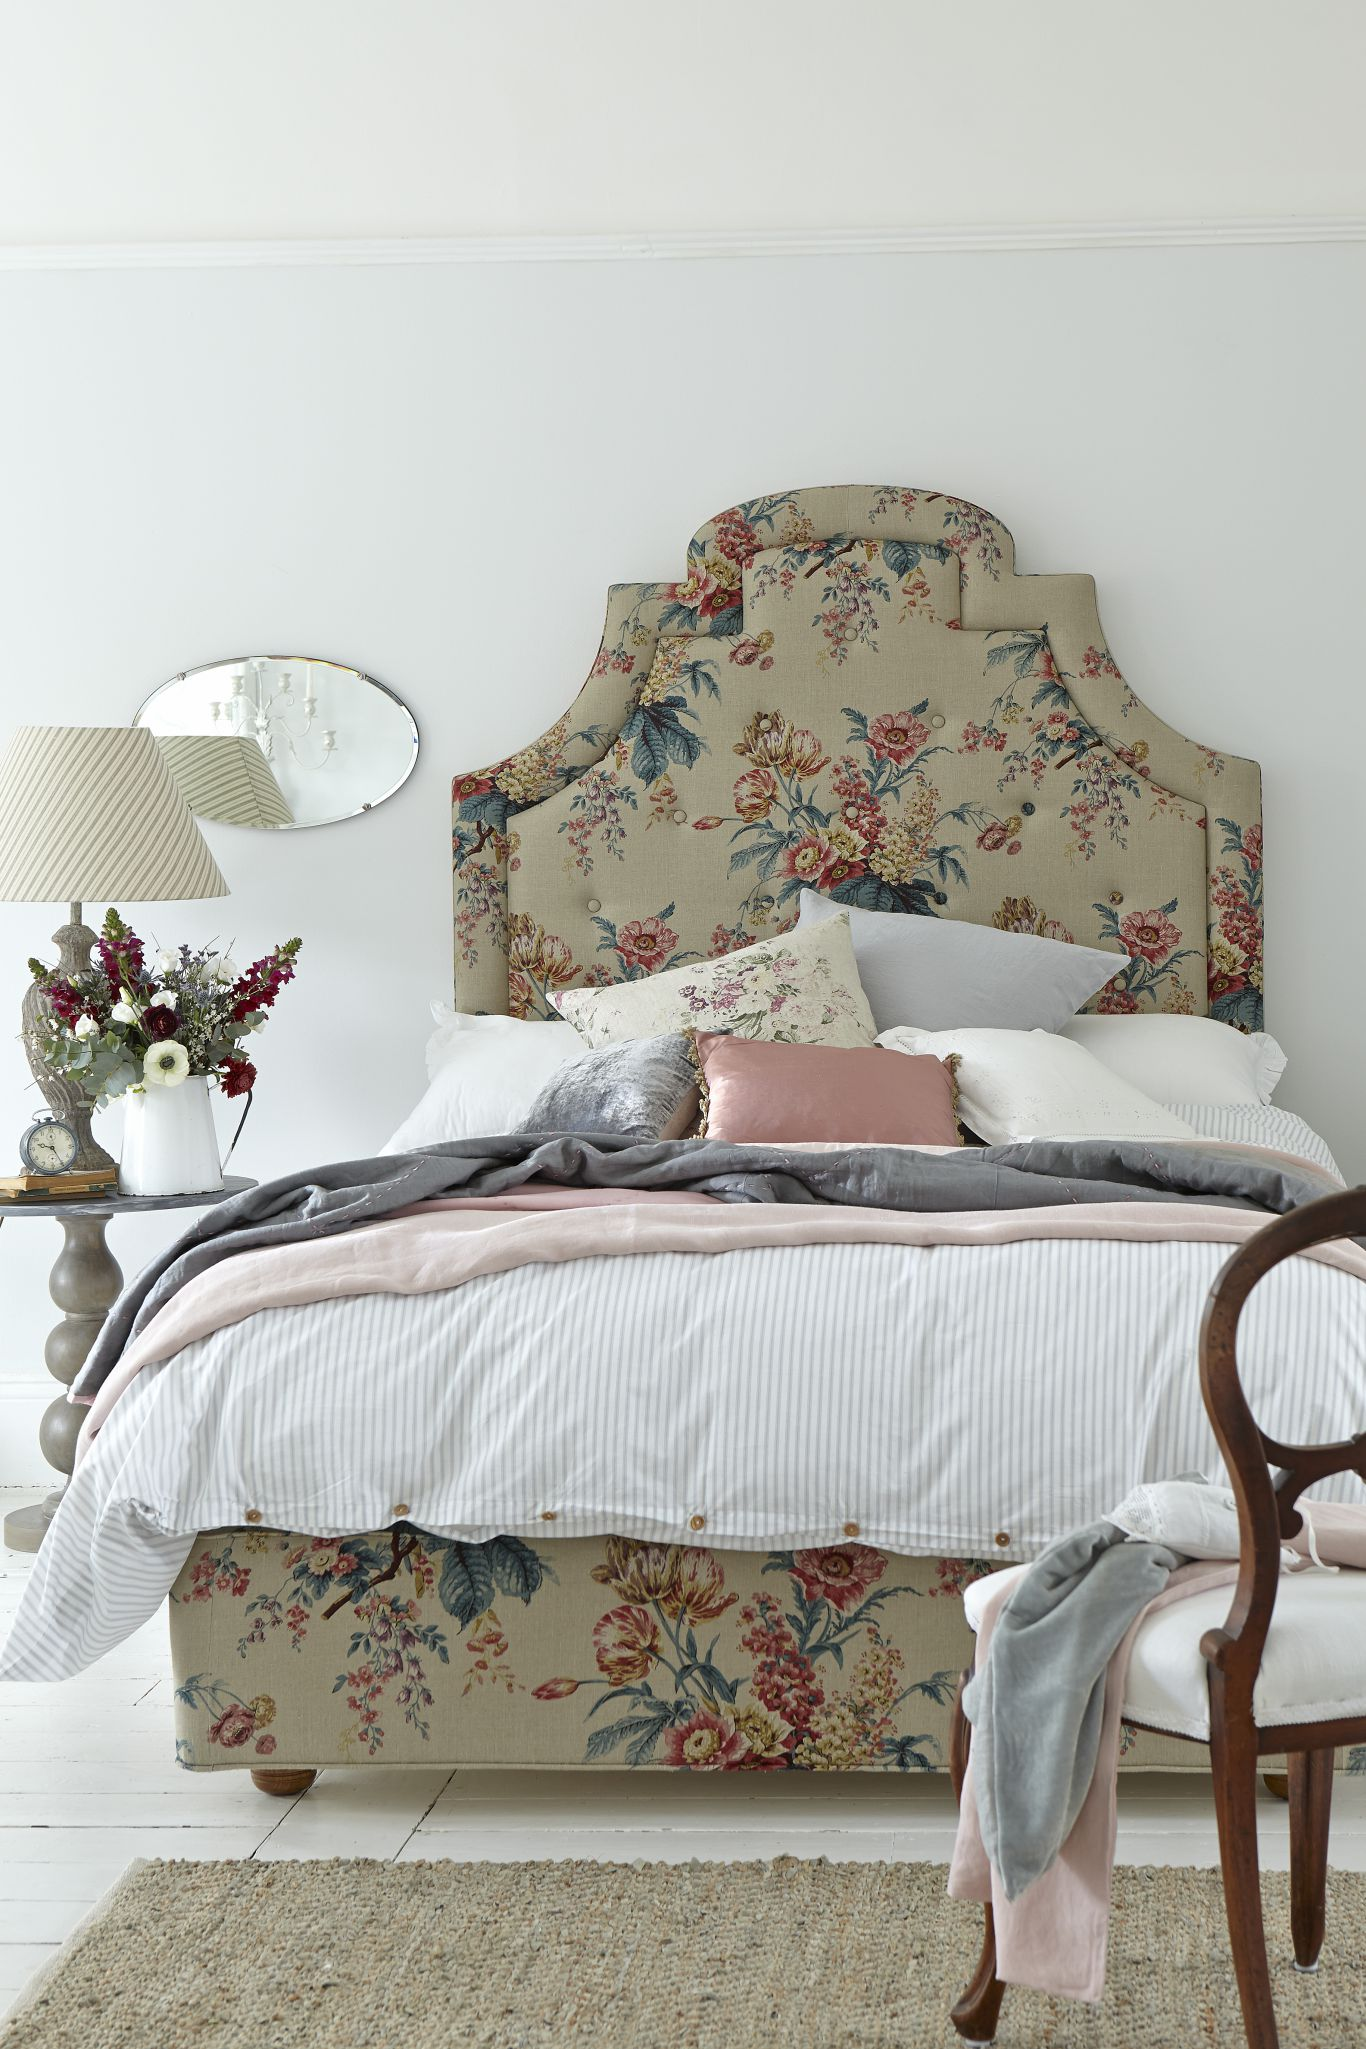 La camera da letto in stile francese shabby chic mania - Camera da letto in francese ...